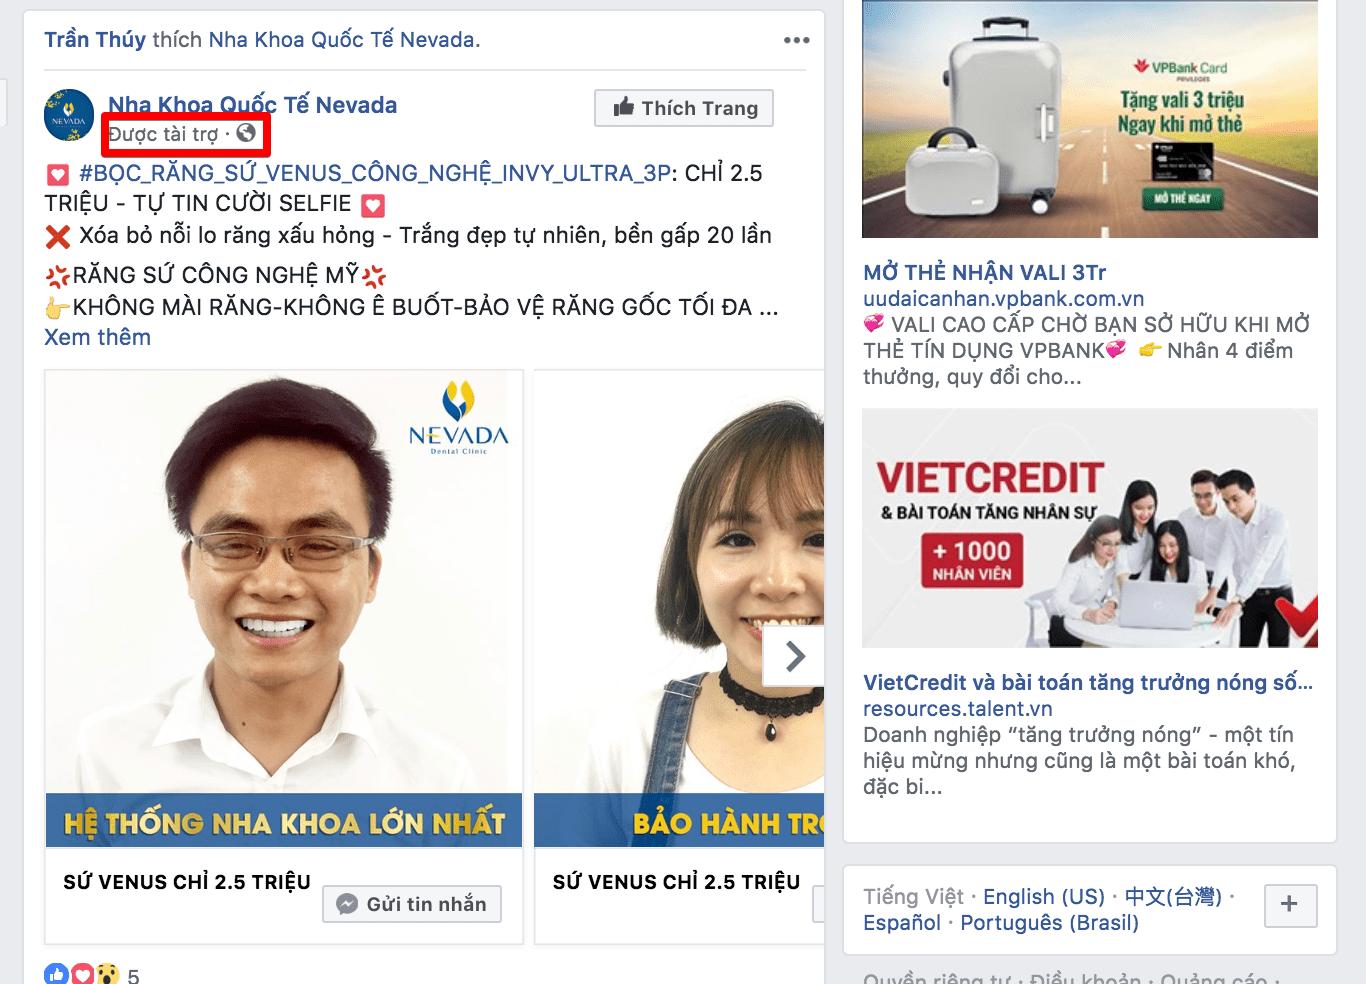 Chạy quảng cáo bán hàng online